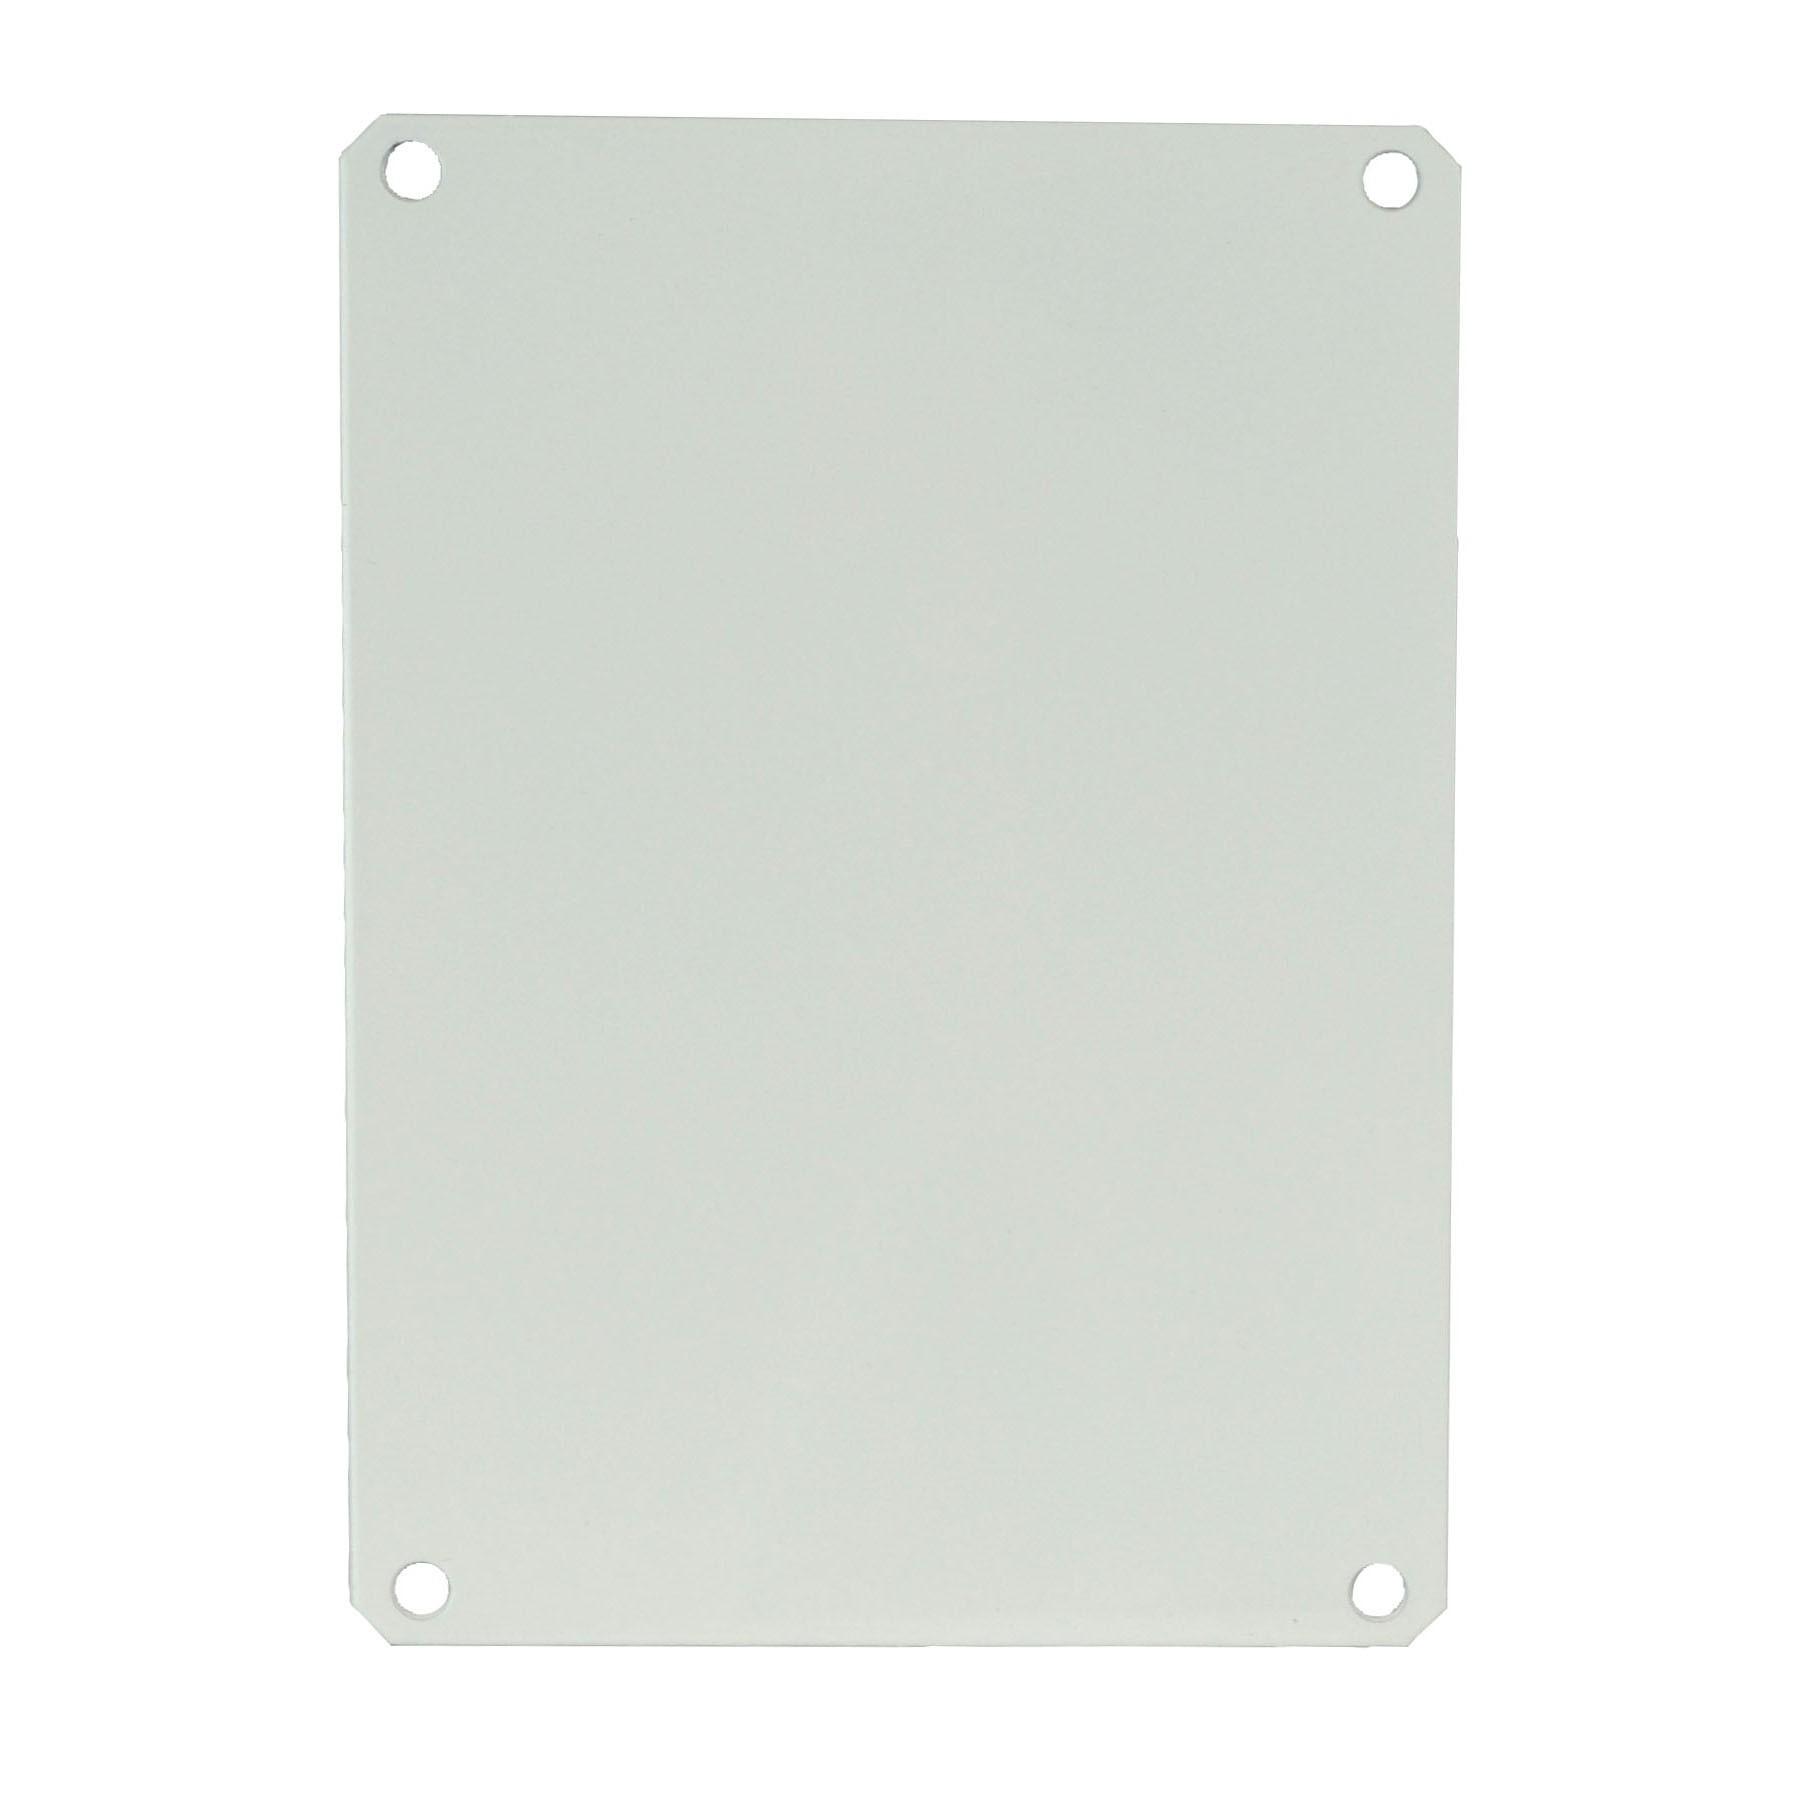 PL142 - Carbon Steel Enclosure Back Panel Kit